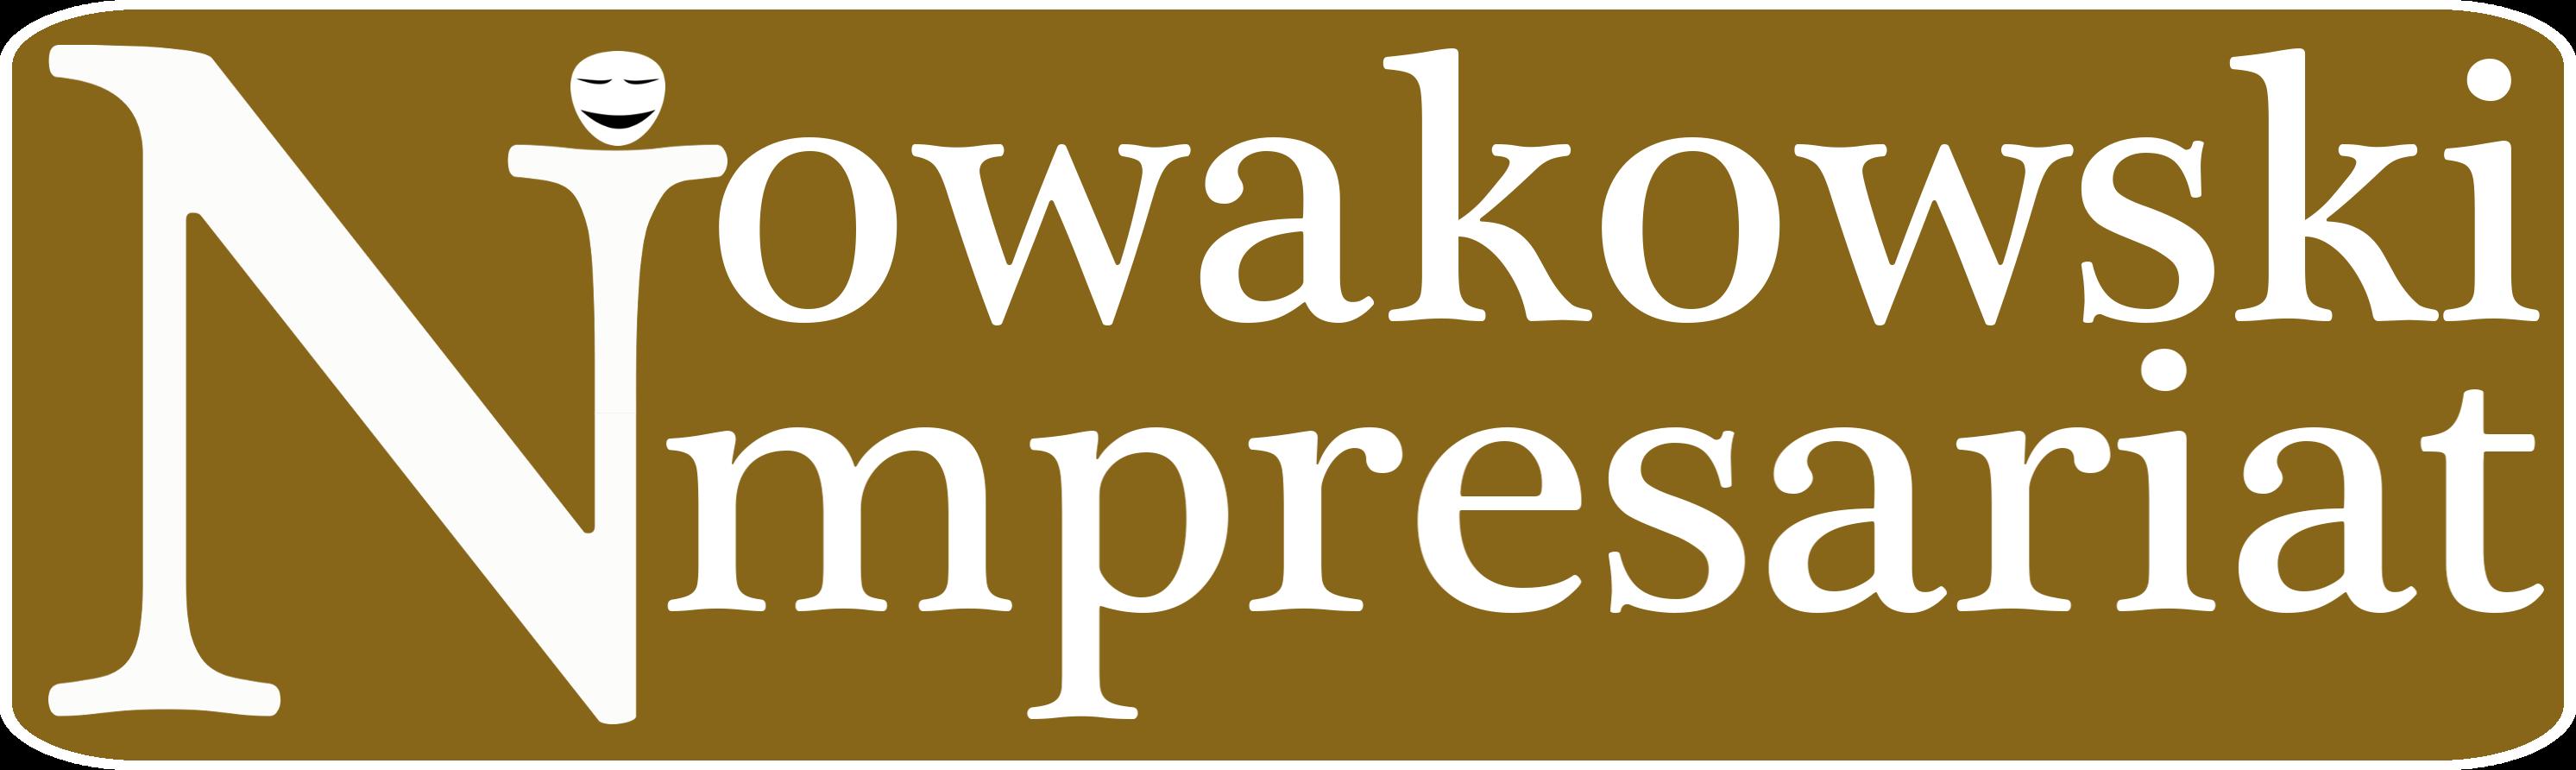 Nowakowski Impresariat